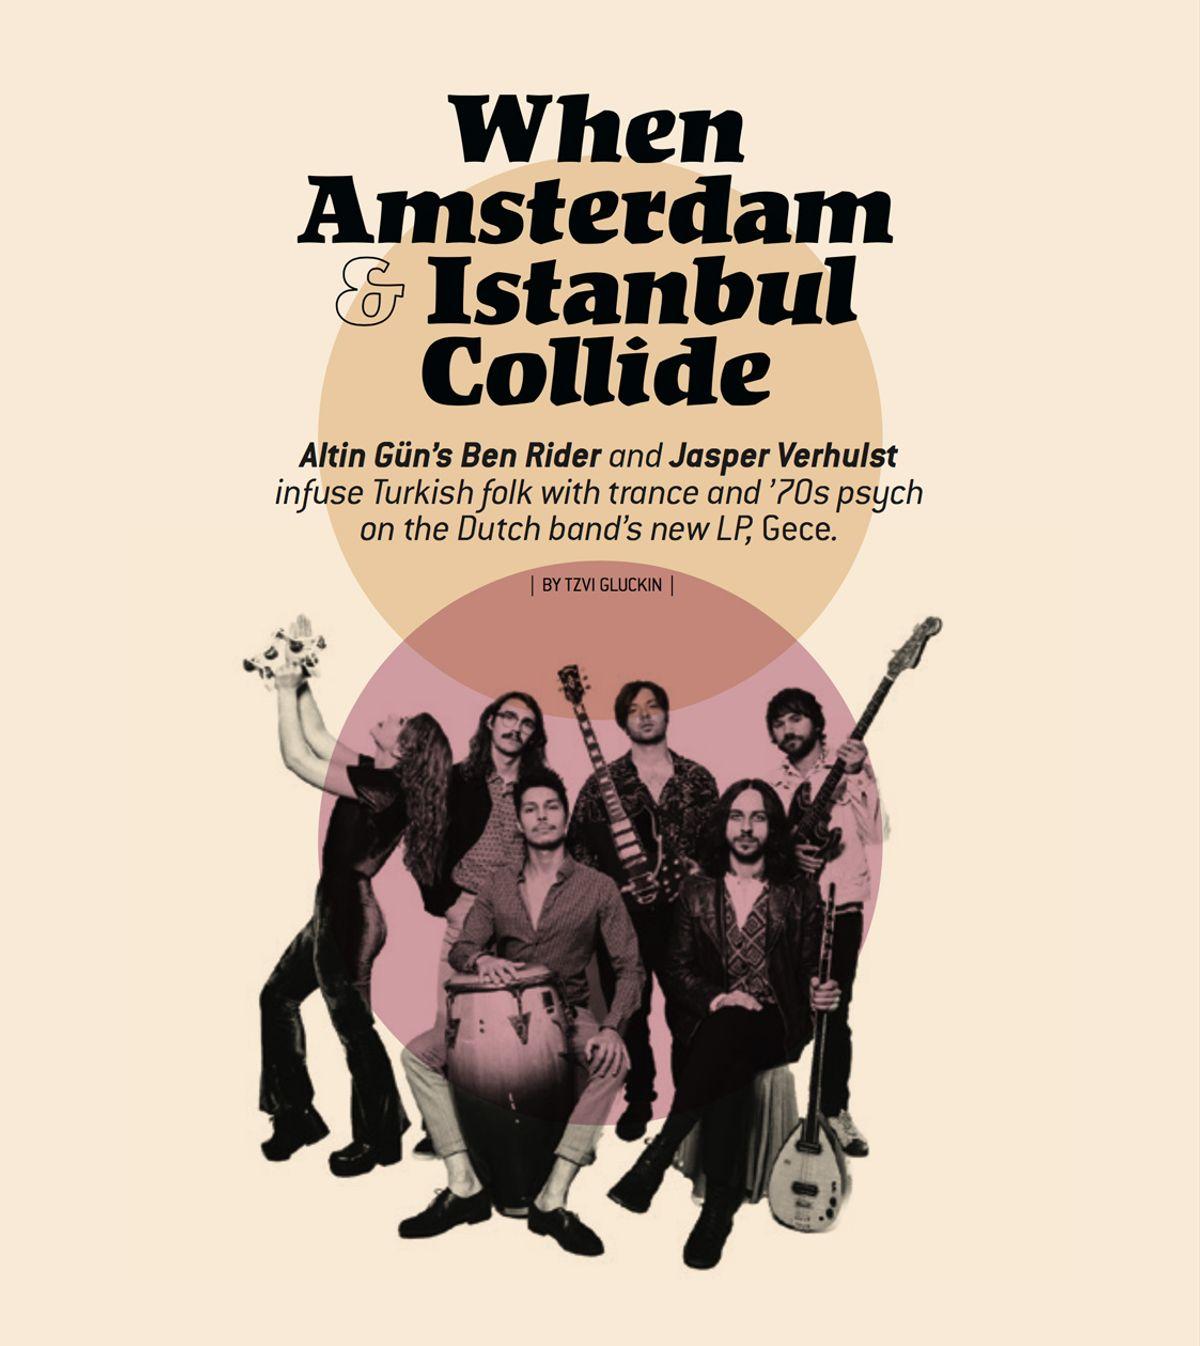 When Amsterdam and Istanbul Collide: Altin Gün's Ben Rider and Jasper Verhulst